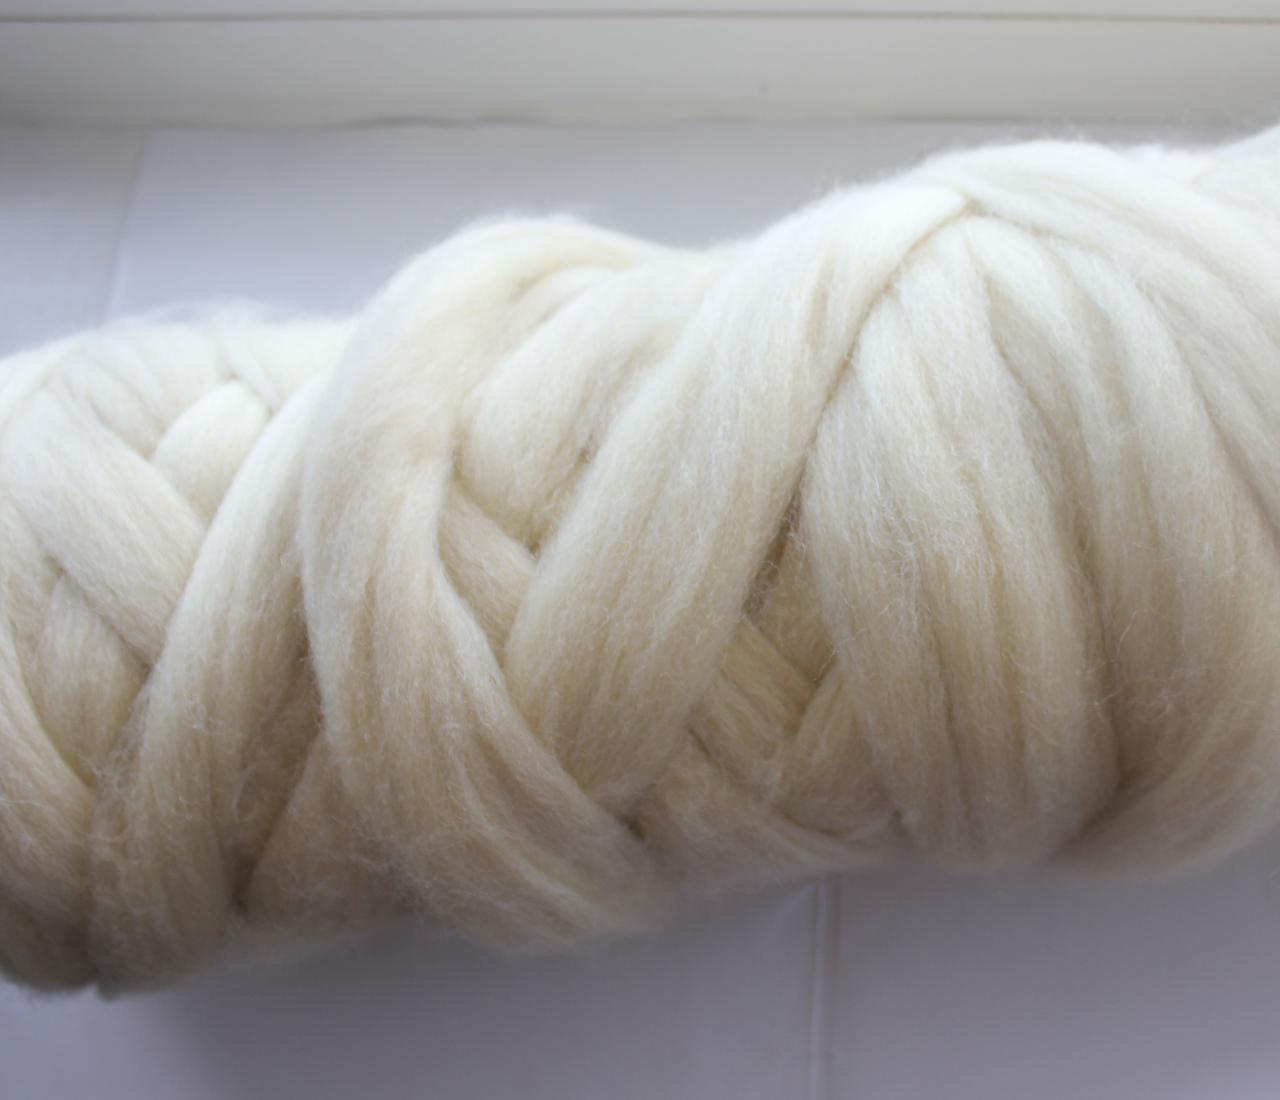 Толстая, крупная пряжа 100% шерсть 1кг (40м). 26 мкрн. Цвет: Суровый. Топс. Лента для пледов